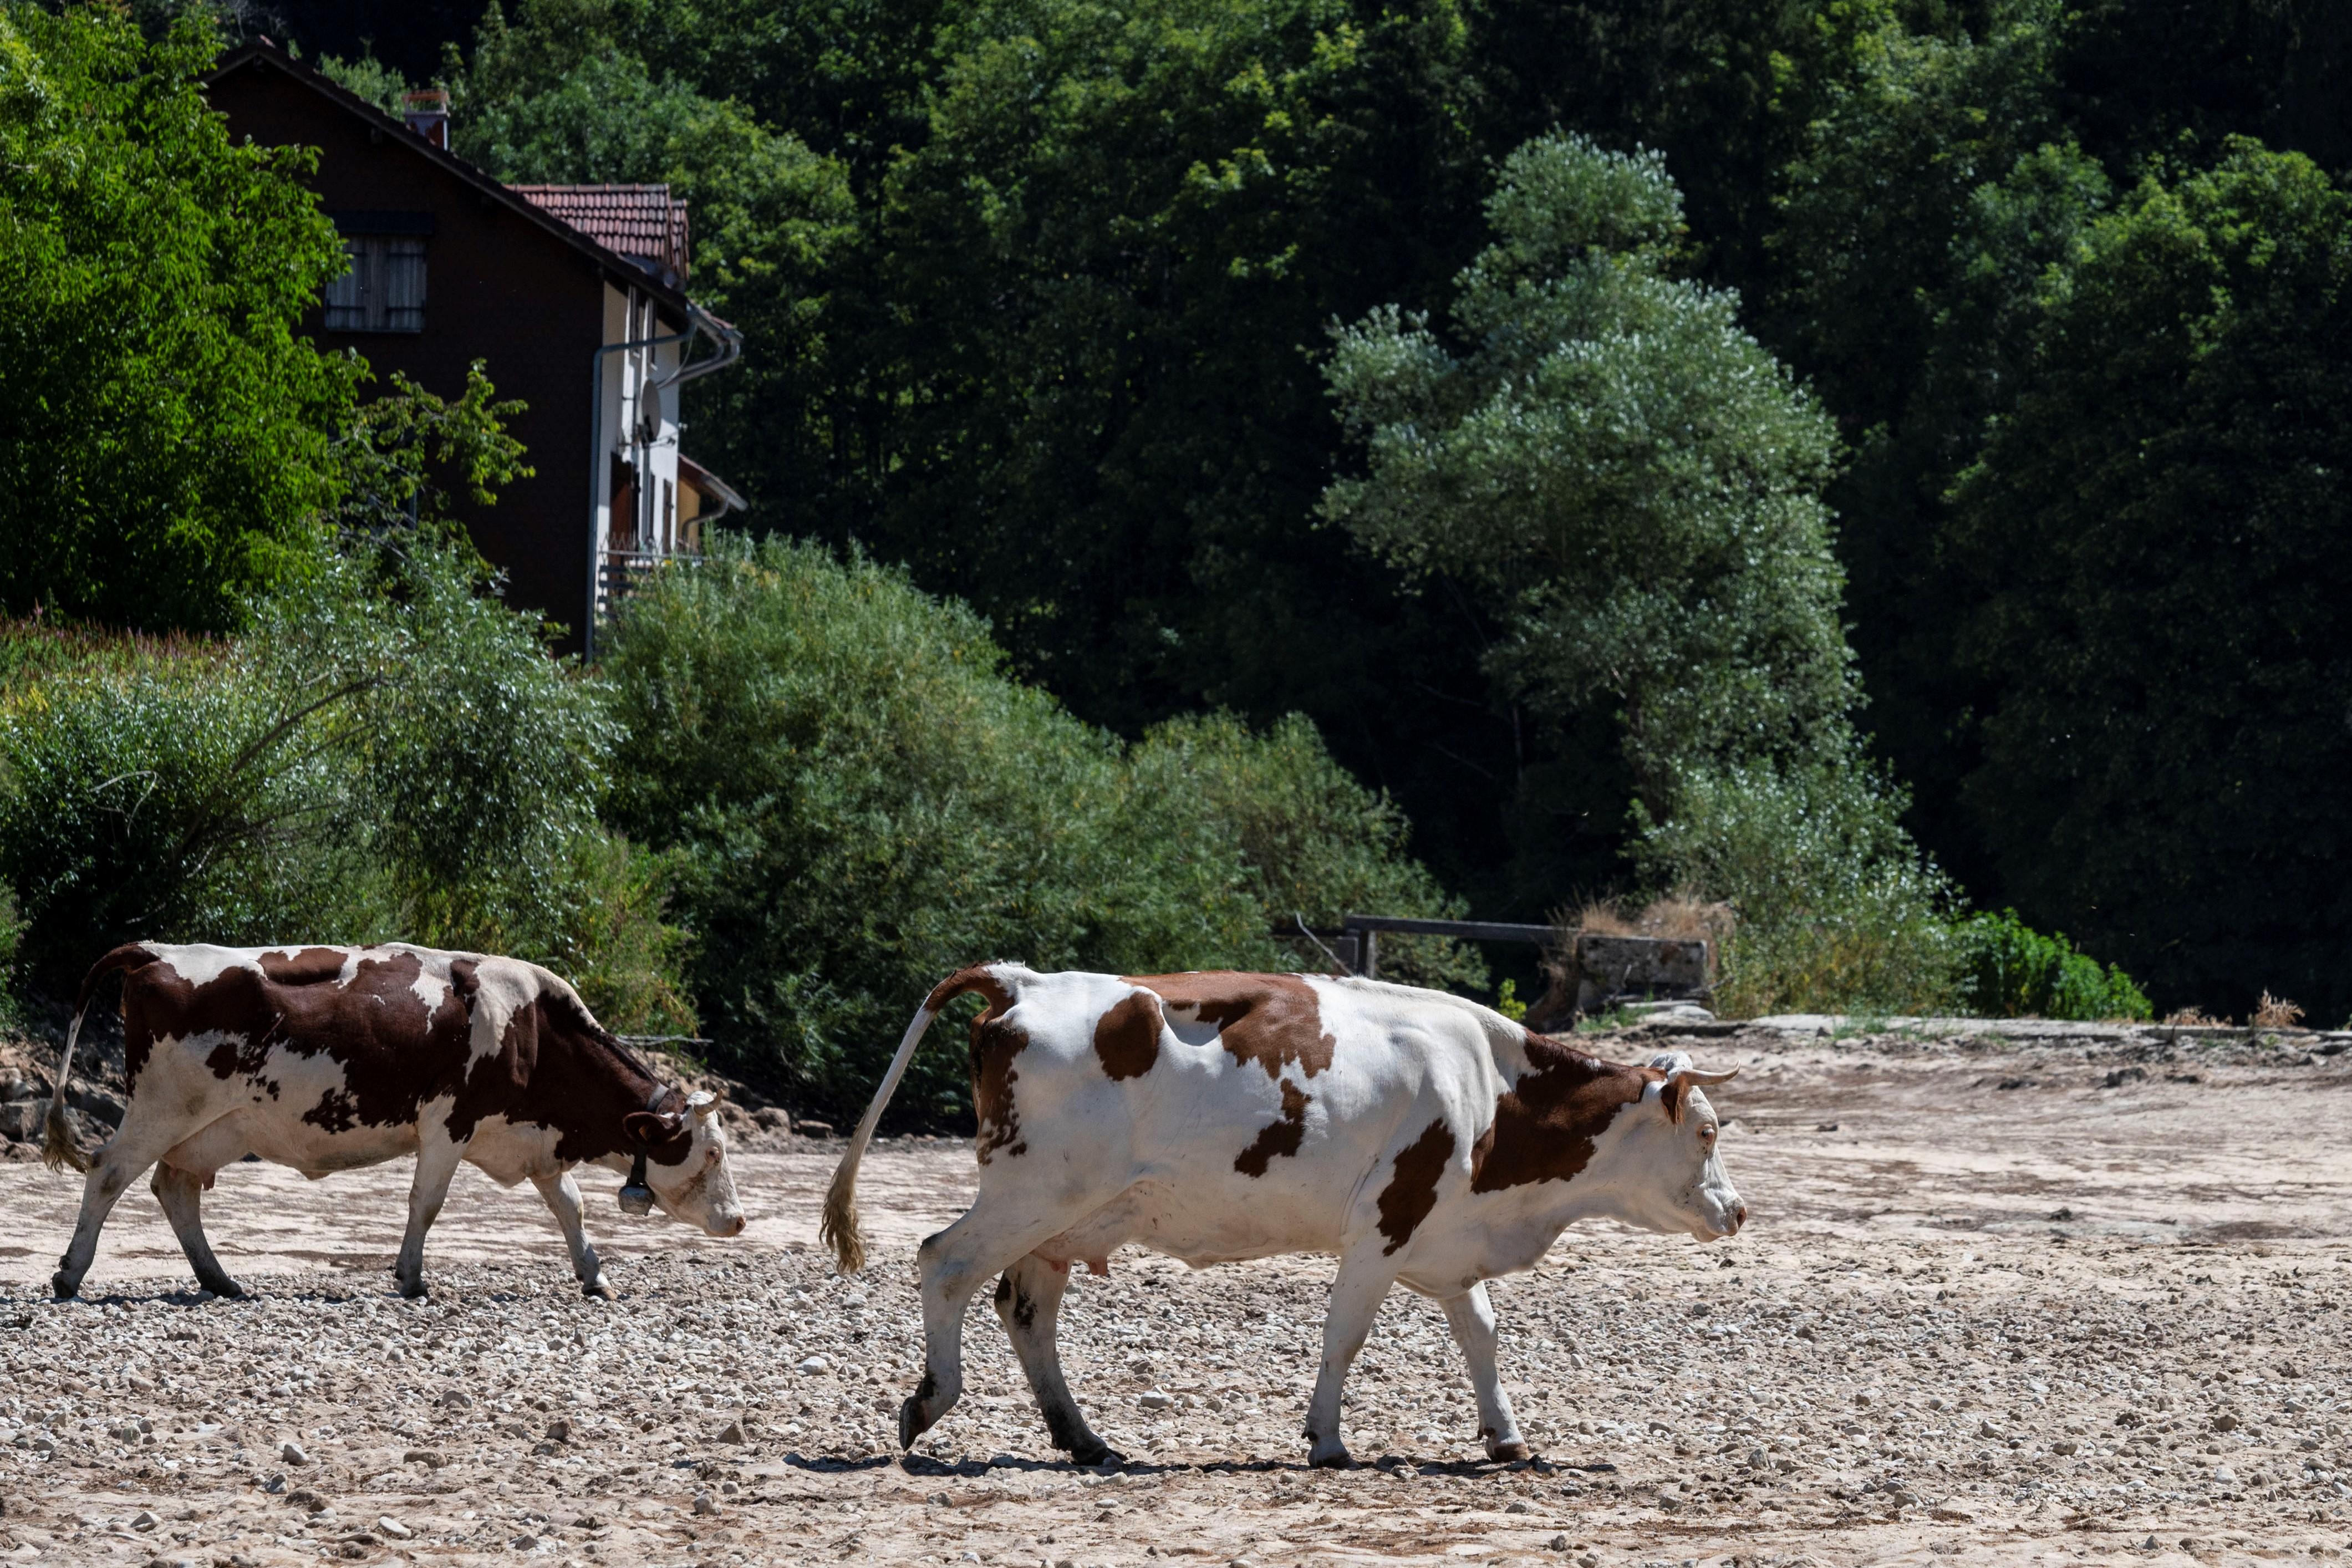 Kifeszített egy zsinórt az út fölé, hogy a szarvasmarháit terelje, de biciklisek akadtak fenn rajta